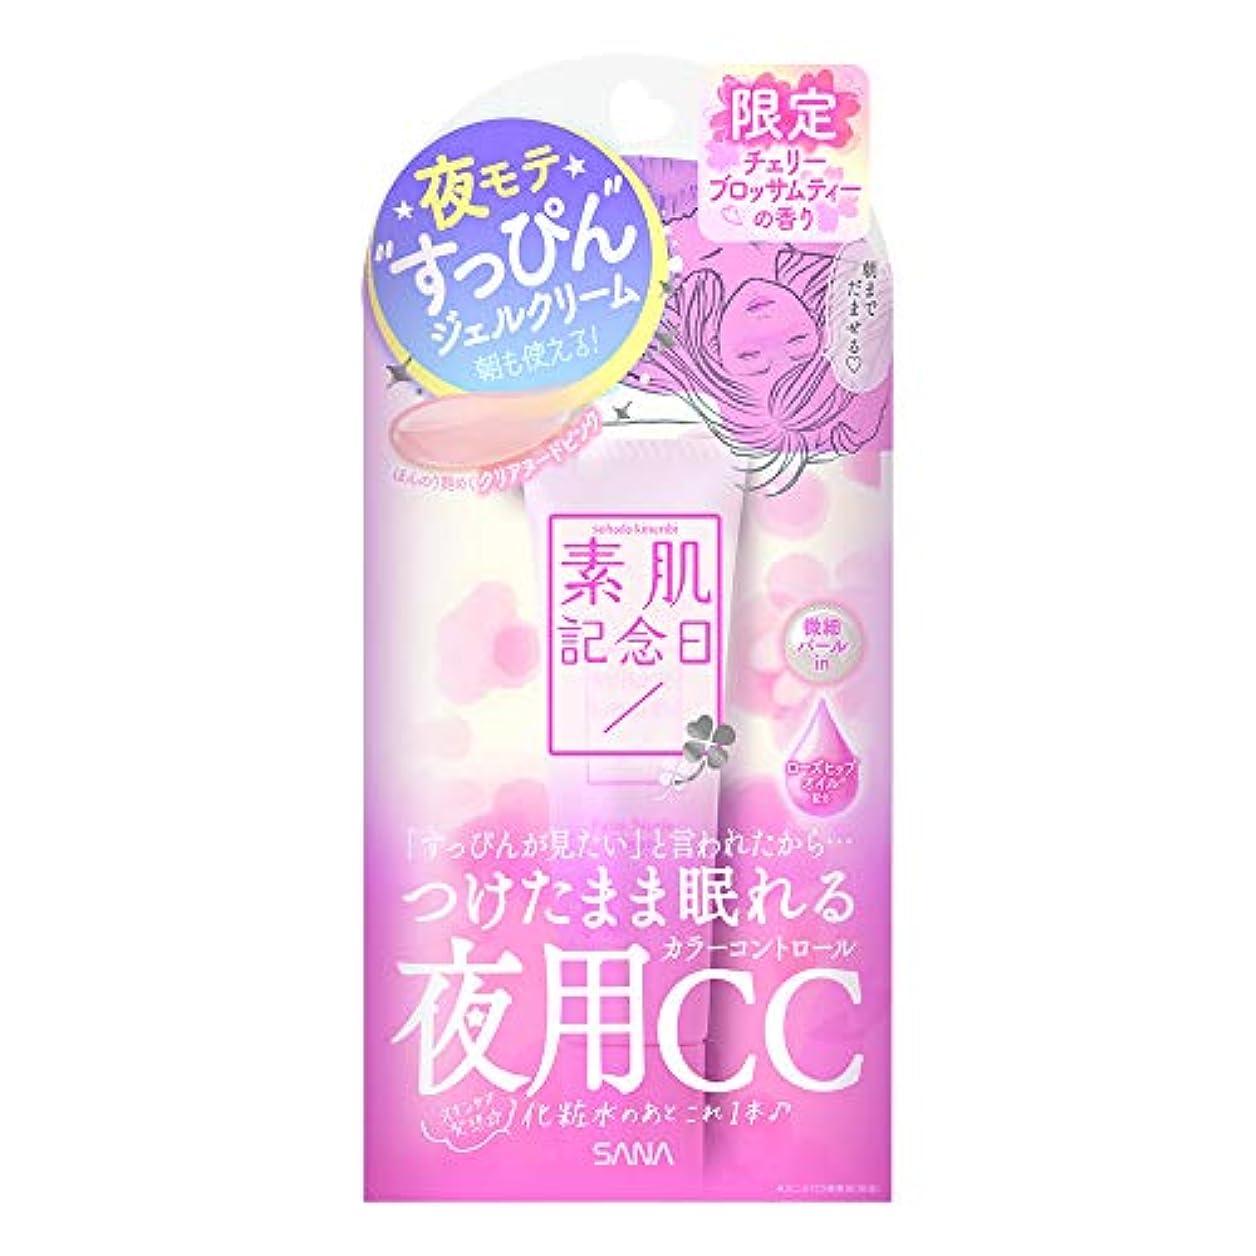 バスルームコジオスコ誤解を招く素肌記念日 フェイクヌードクリーム ヌードピンク チェリーブロッサムティの香り 30g